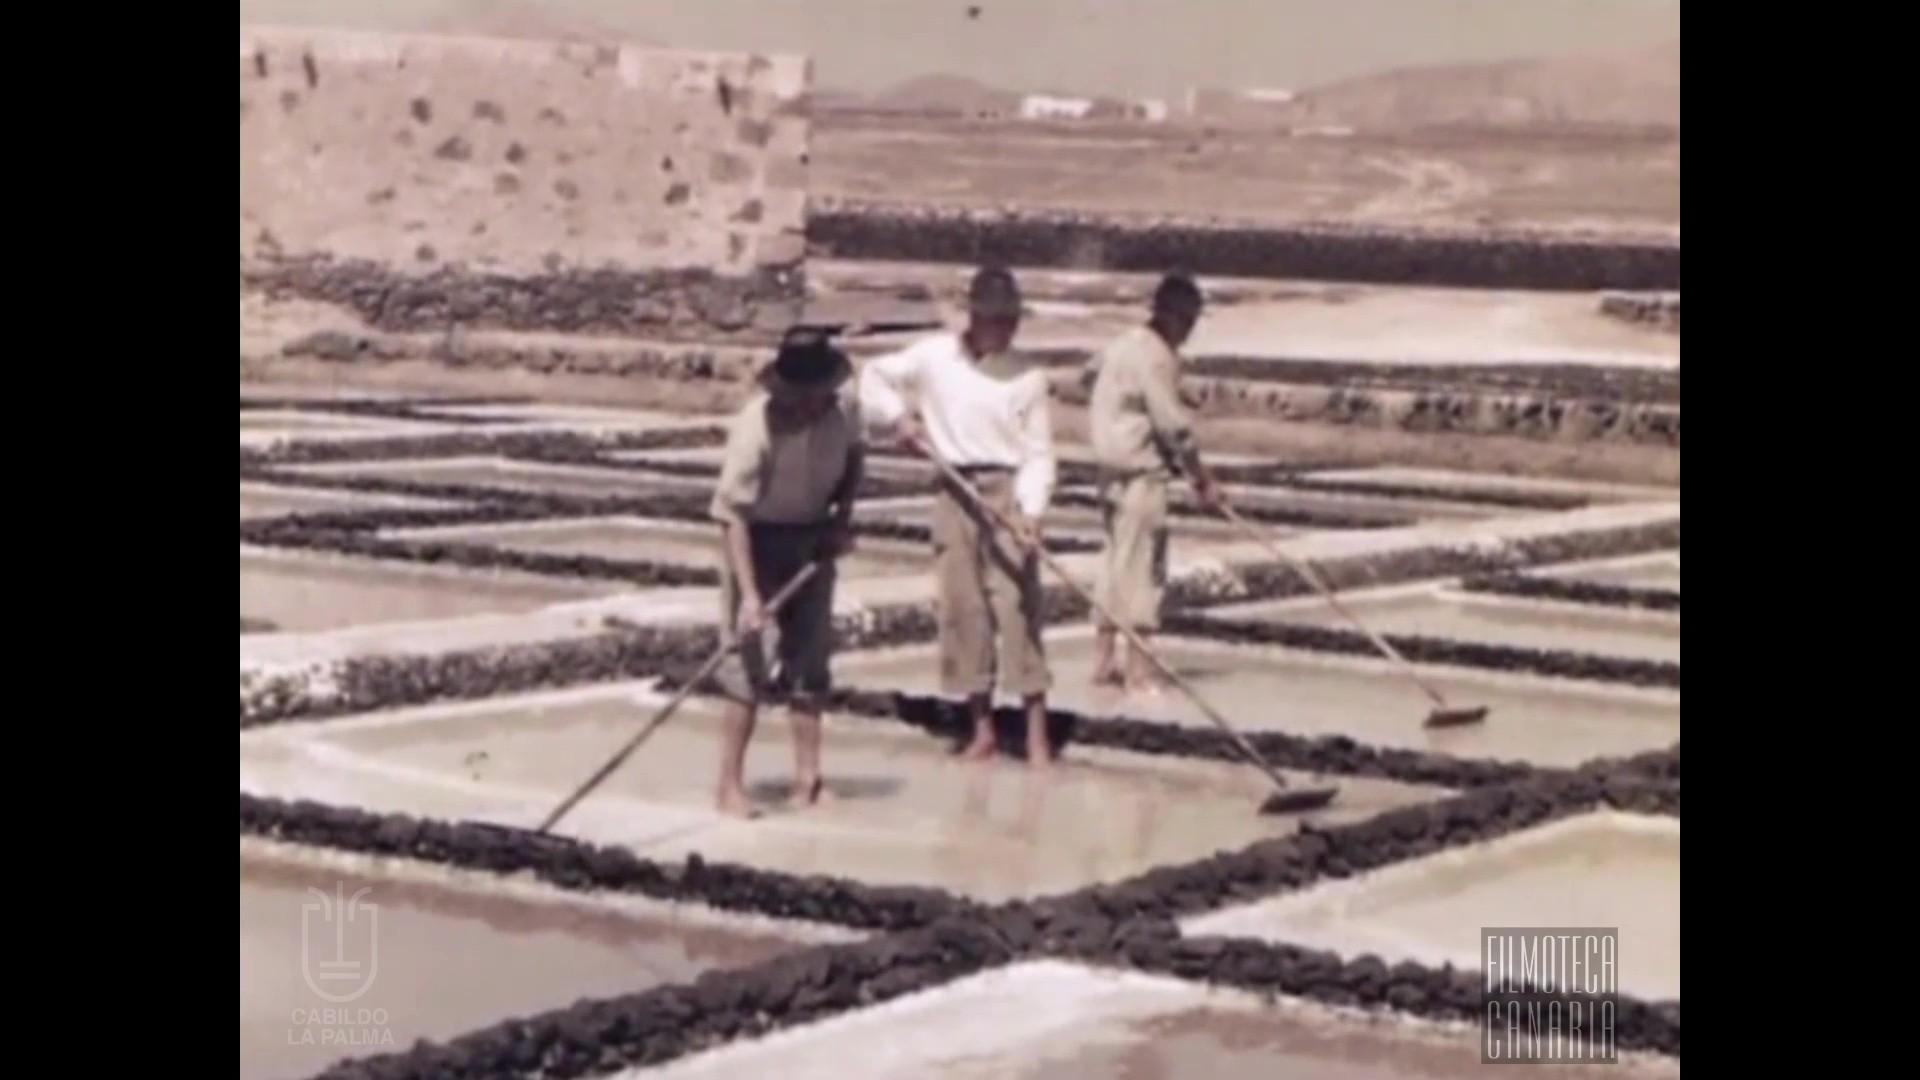 Filmaciones de Jan Blaauboer en Lanzarote (1952-1954)